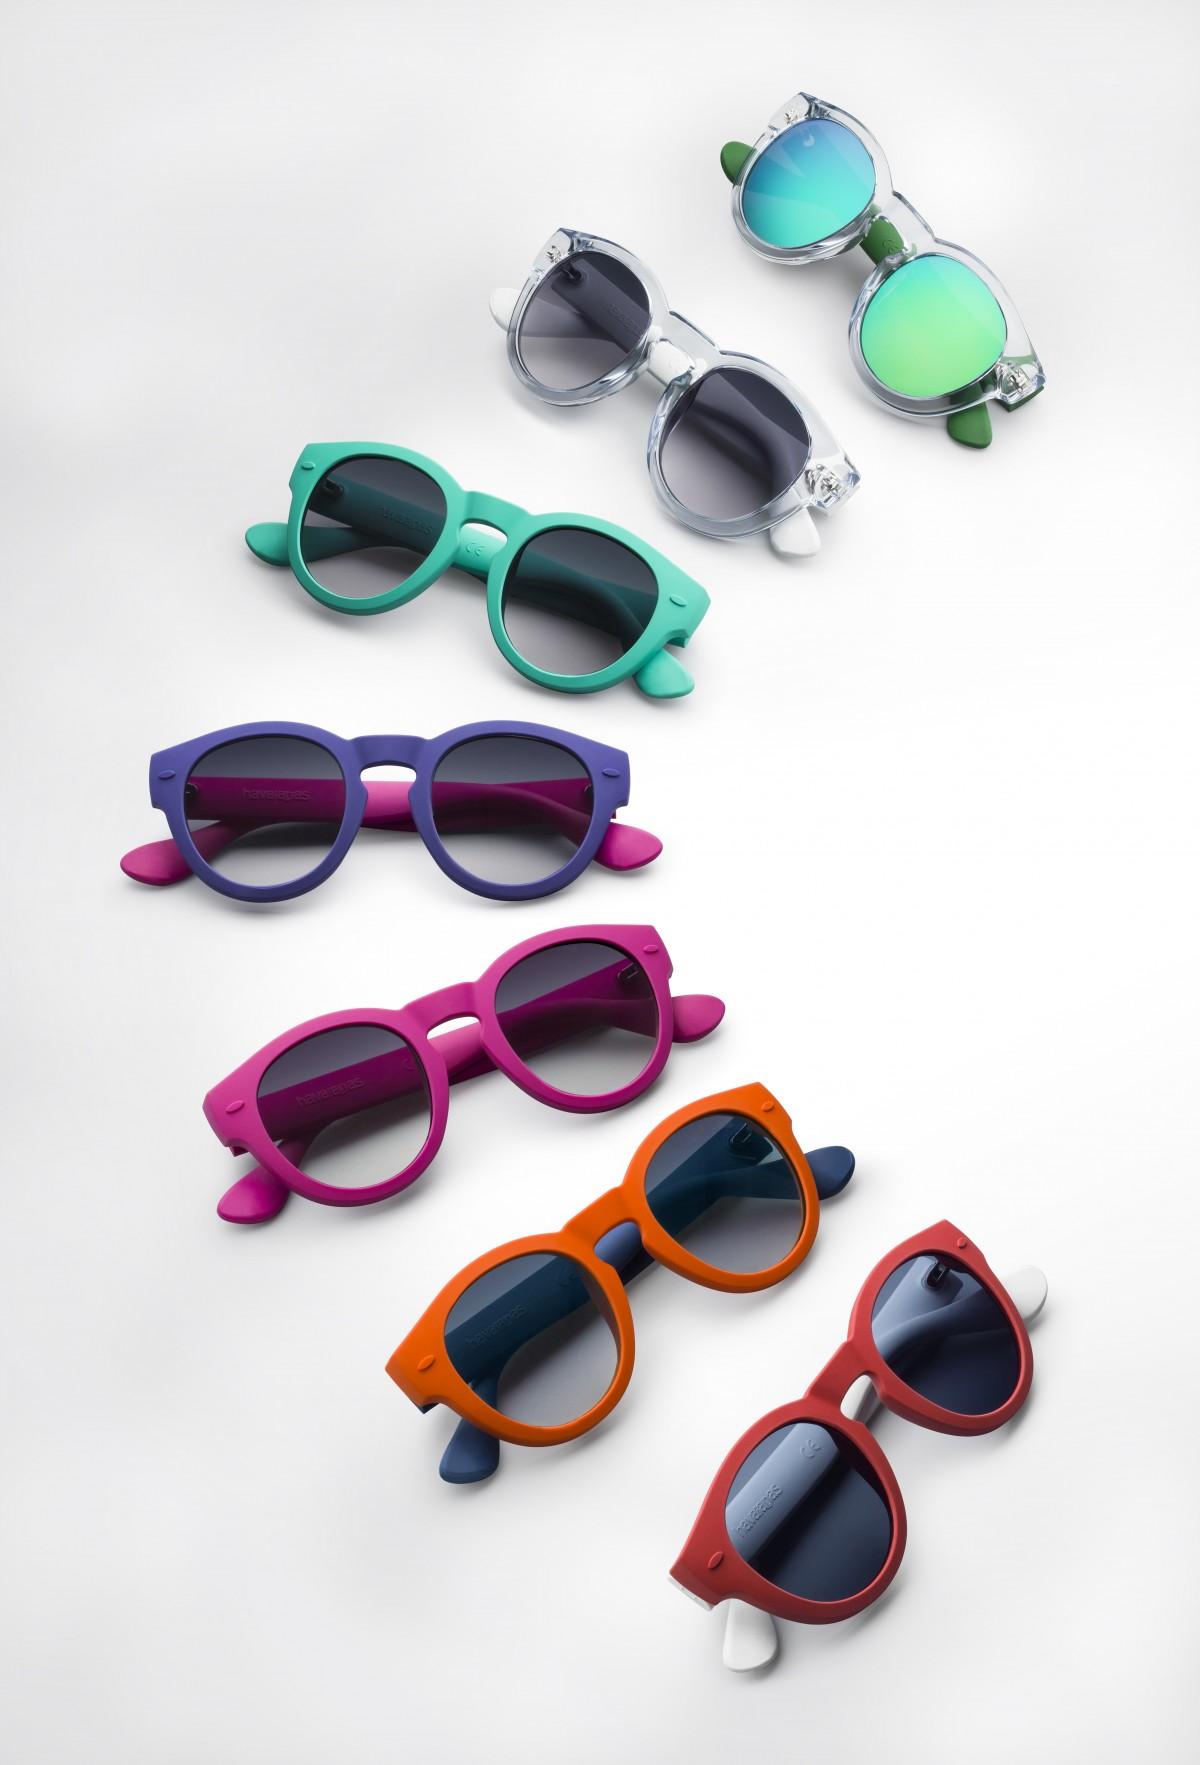 Havaianas lança sua primeira linha de óculos em parceria com a Safilo     Notícias    FFW 923423c47f